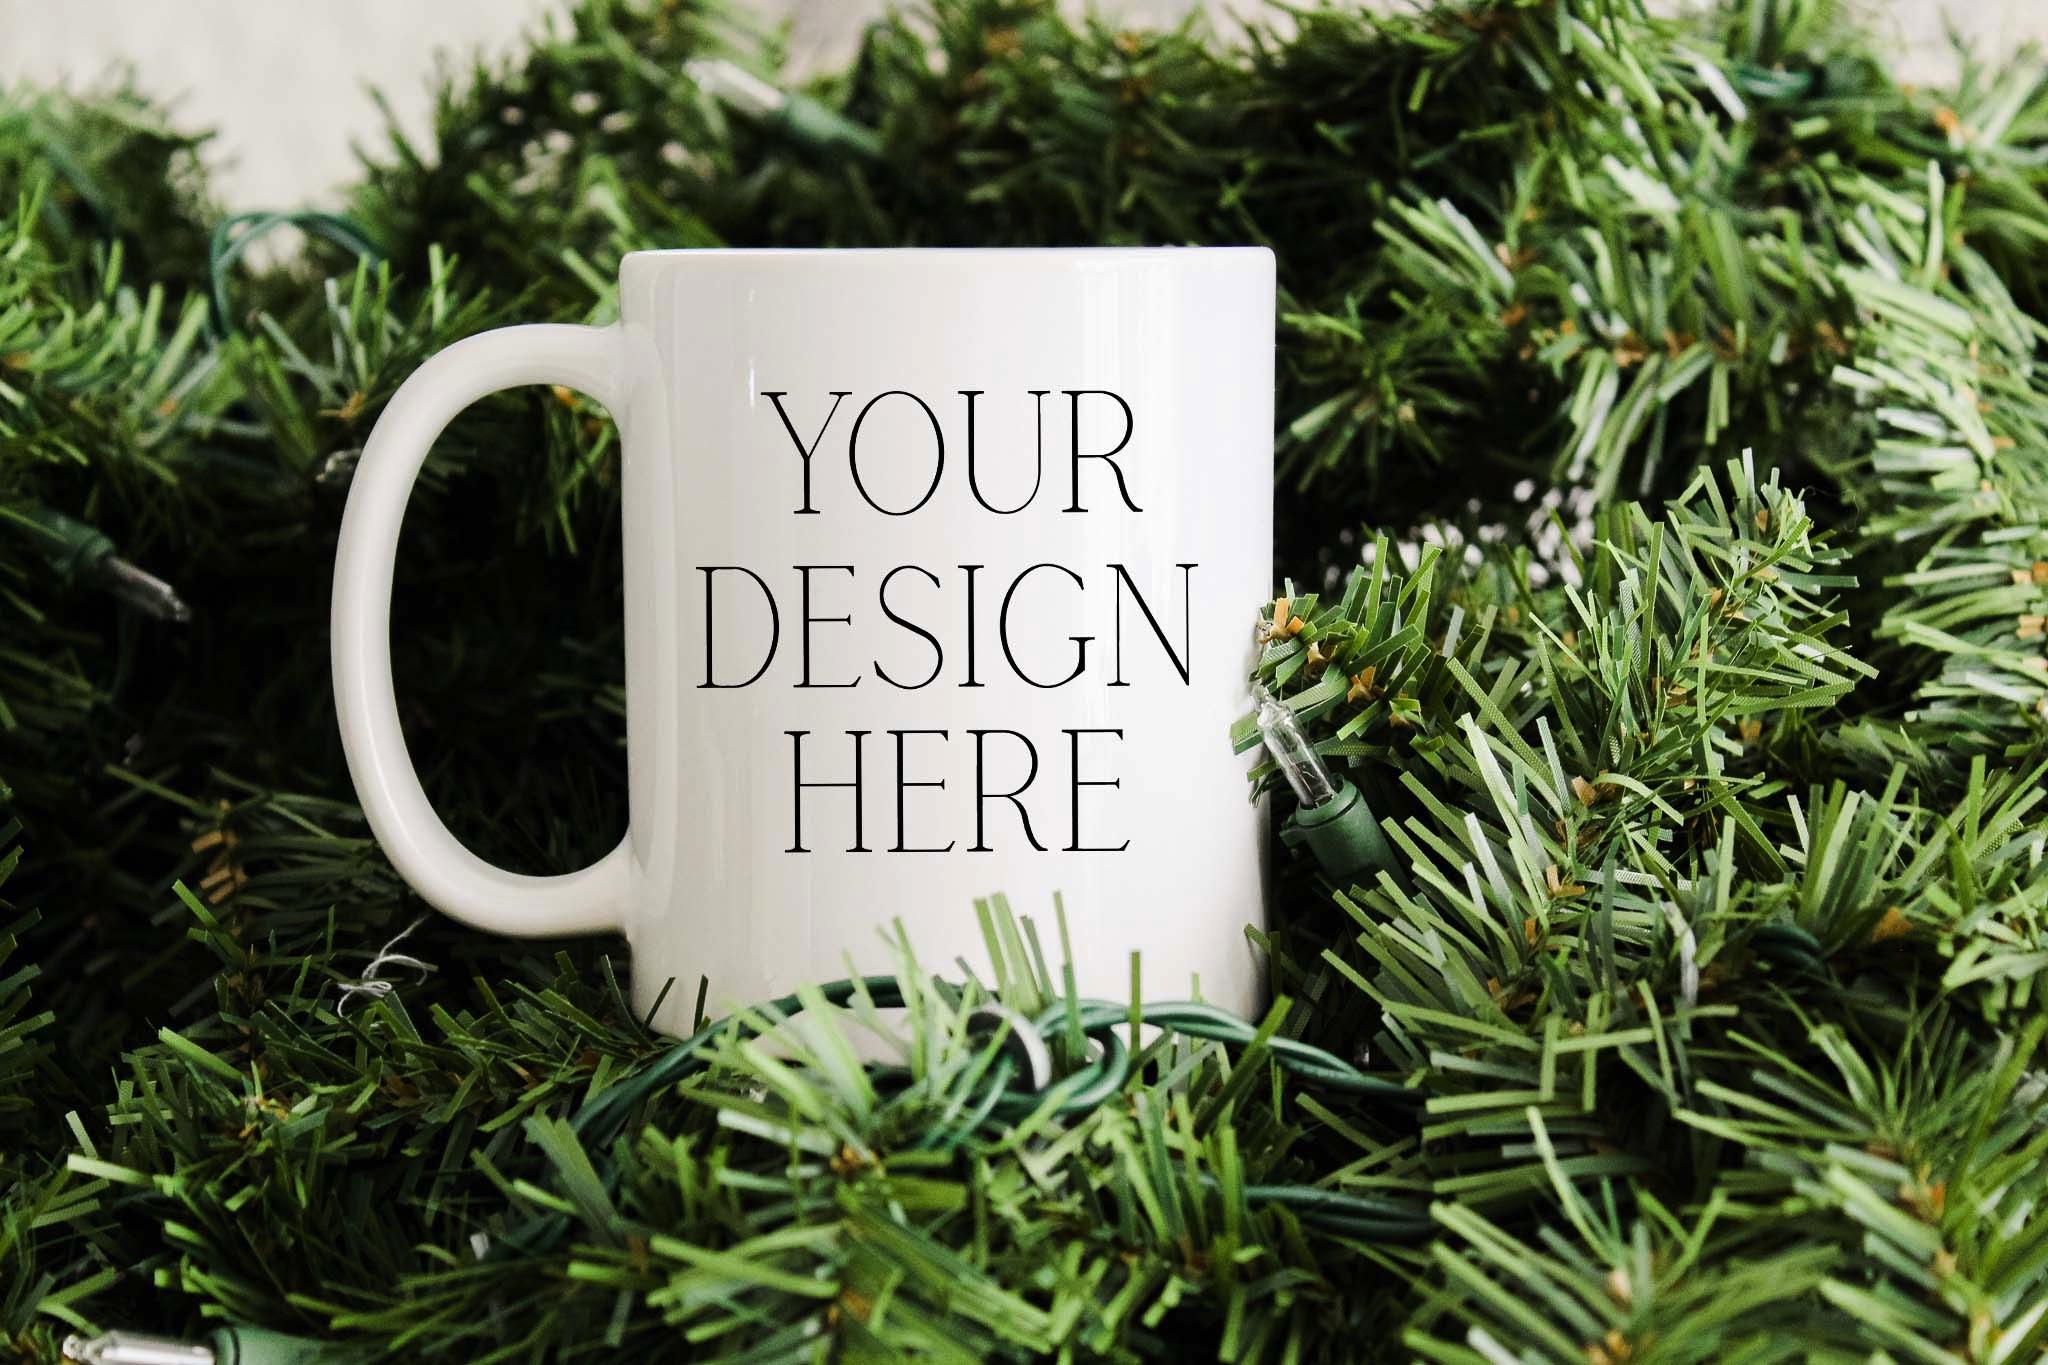 11 Ounce Pine Tree Christmas Mug Mockup example image 1